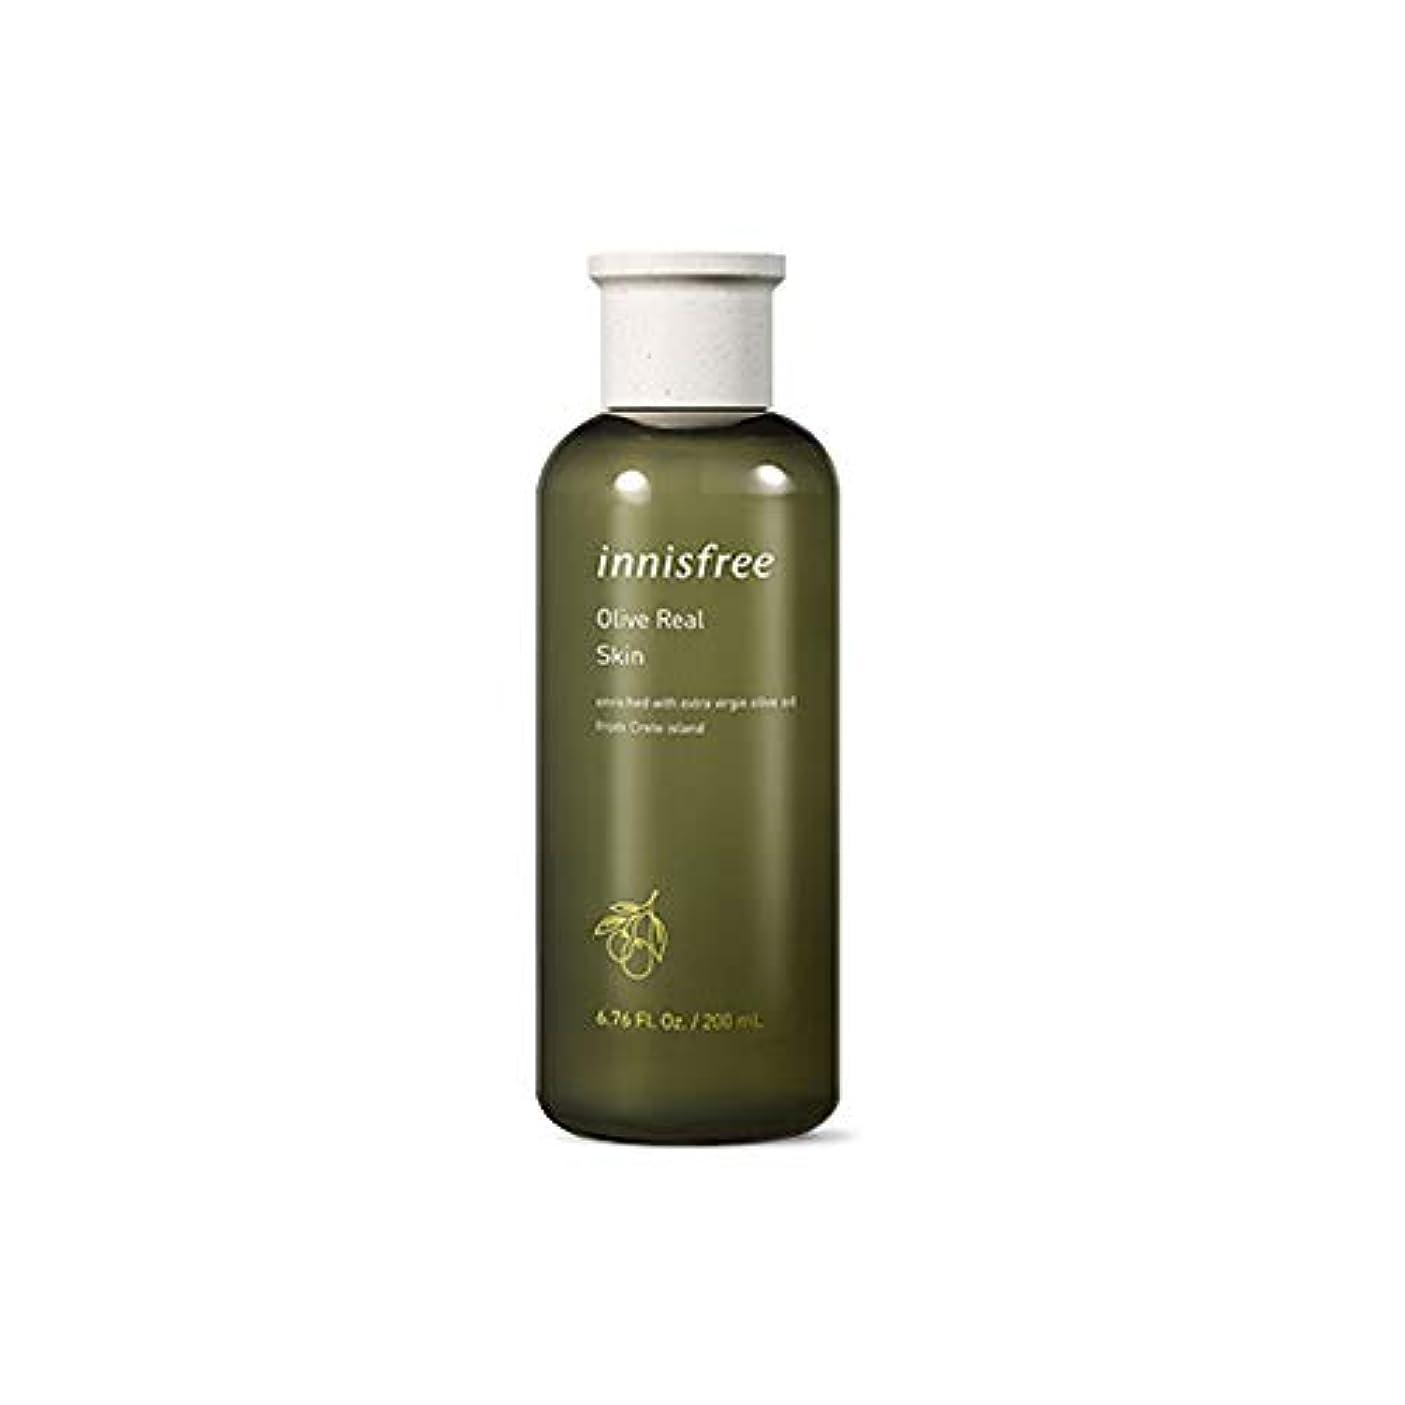 微視的説教儀式NEW[イニスフリー] Innisfree オリーブ リアル スキンEX (200ml) Innisfree Olive Real Skin EX(200ml) [海外直送品]